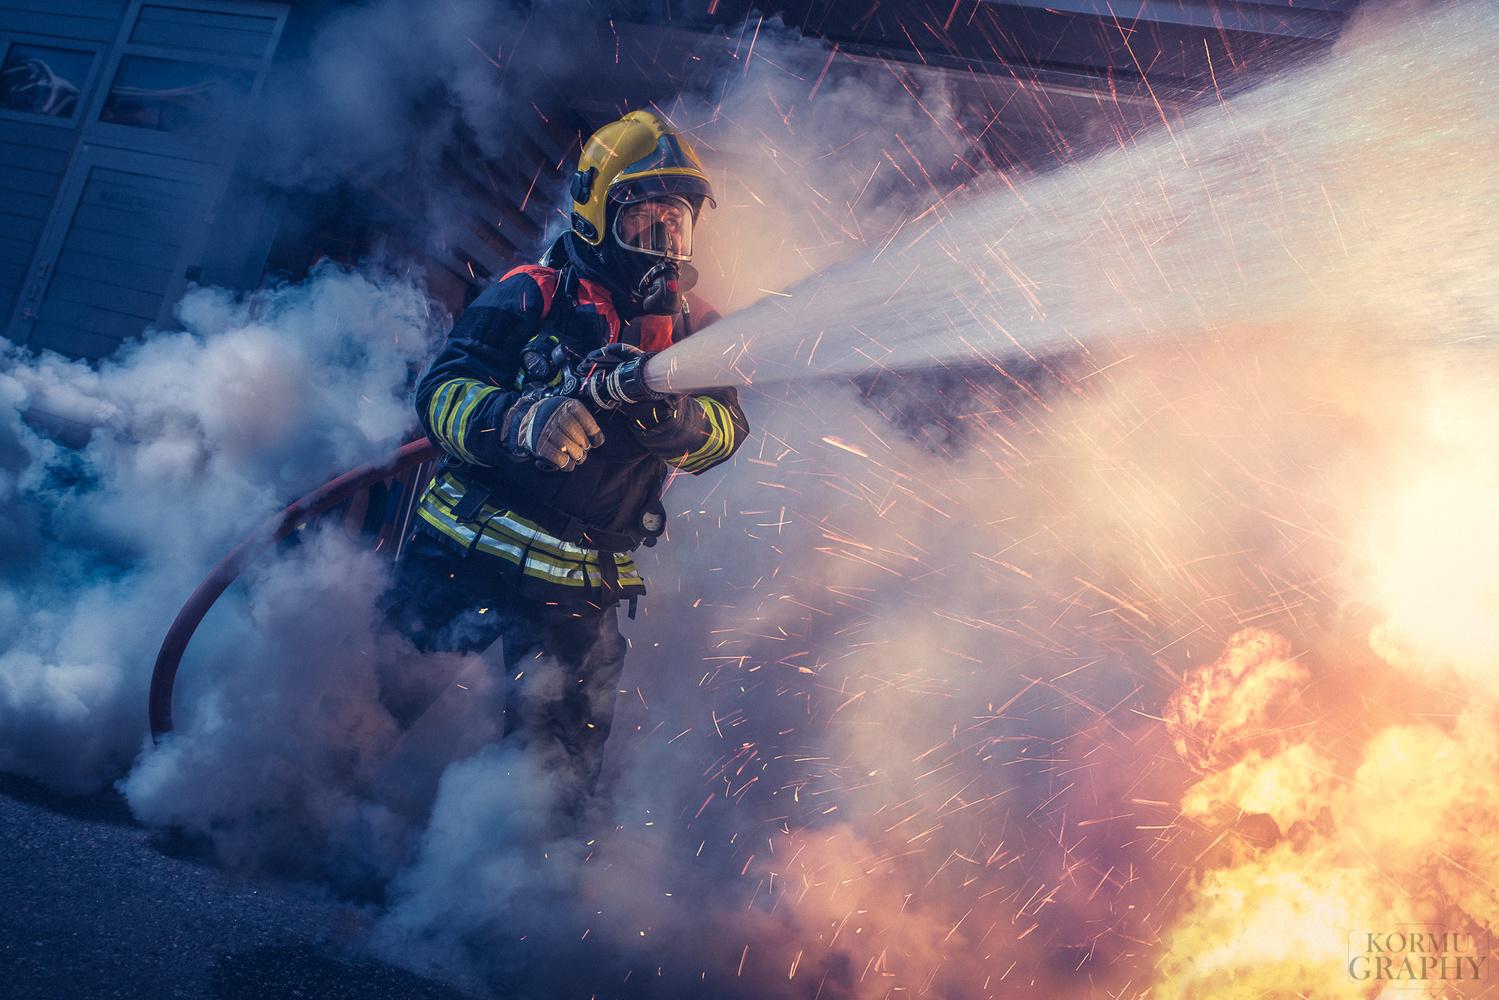 Firefighter by Jani Kormu